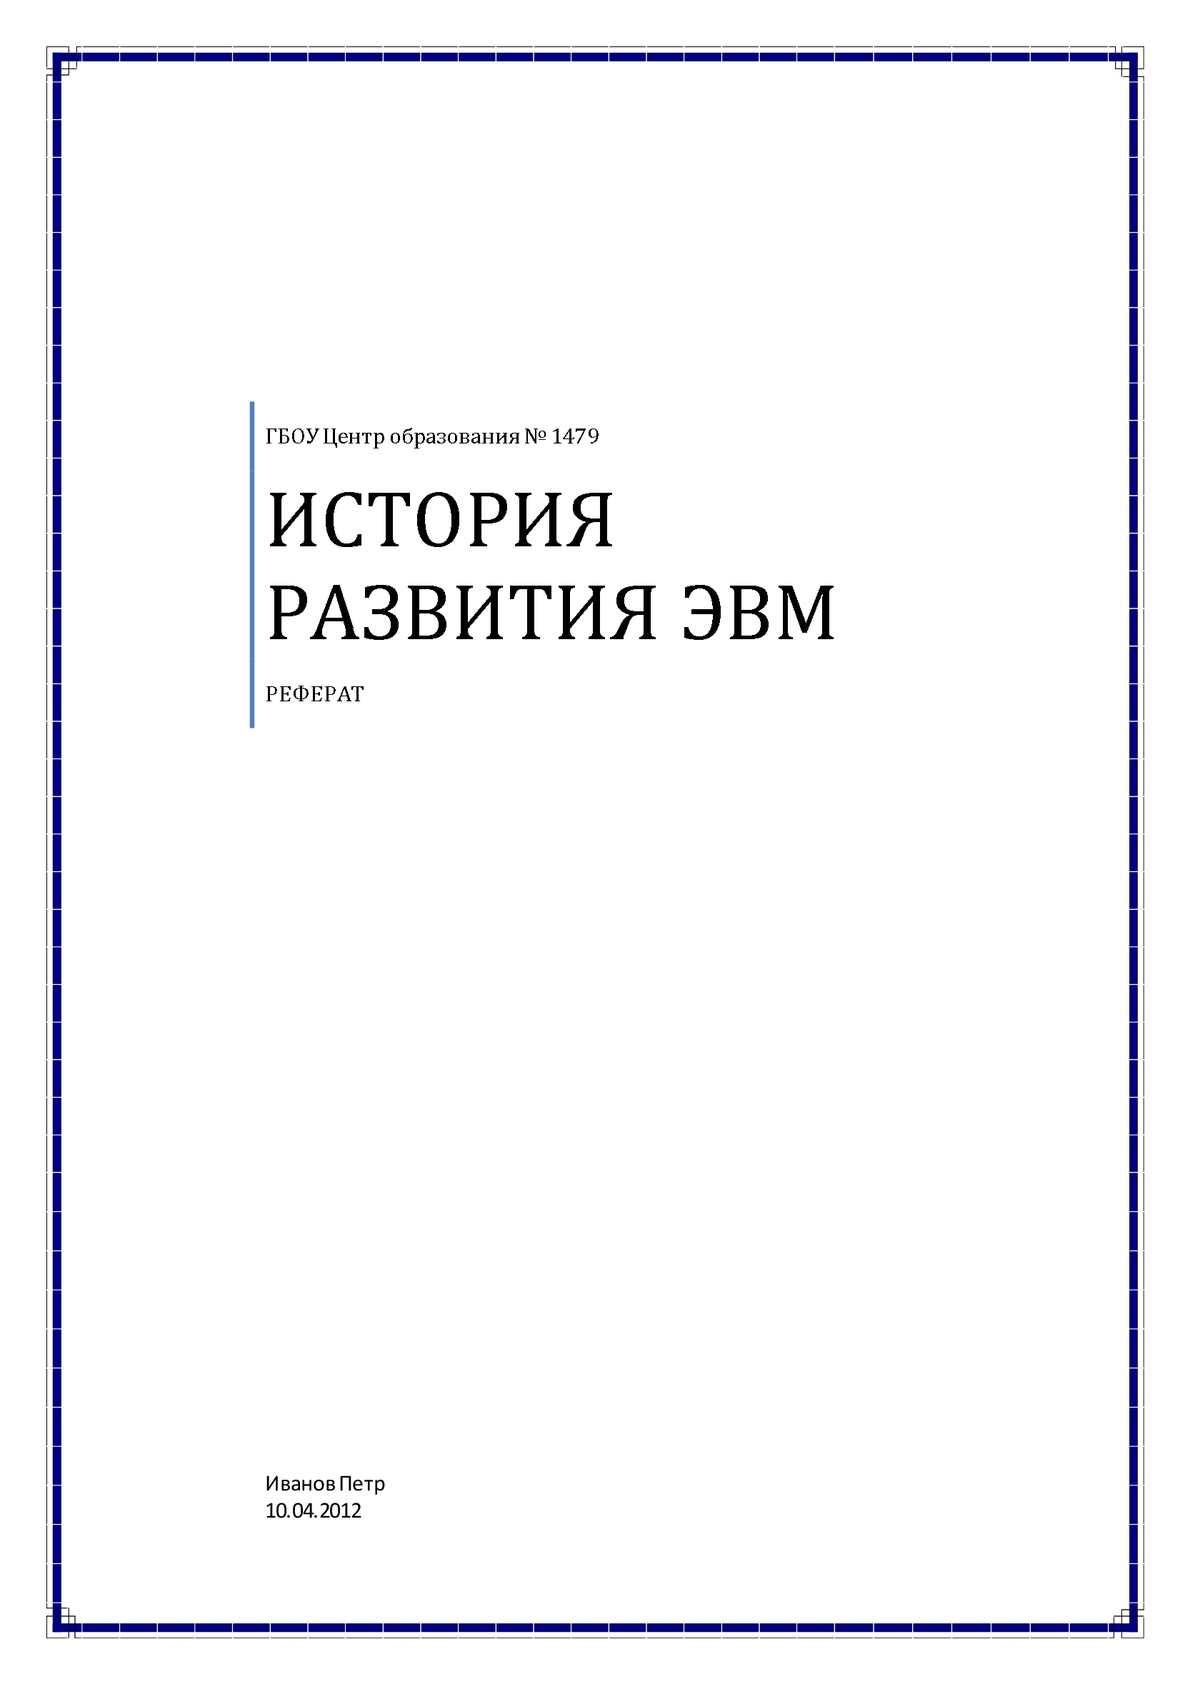 Реферат на тему история эвм по информатике 7726